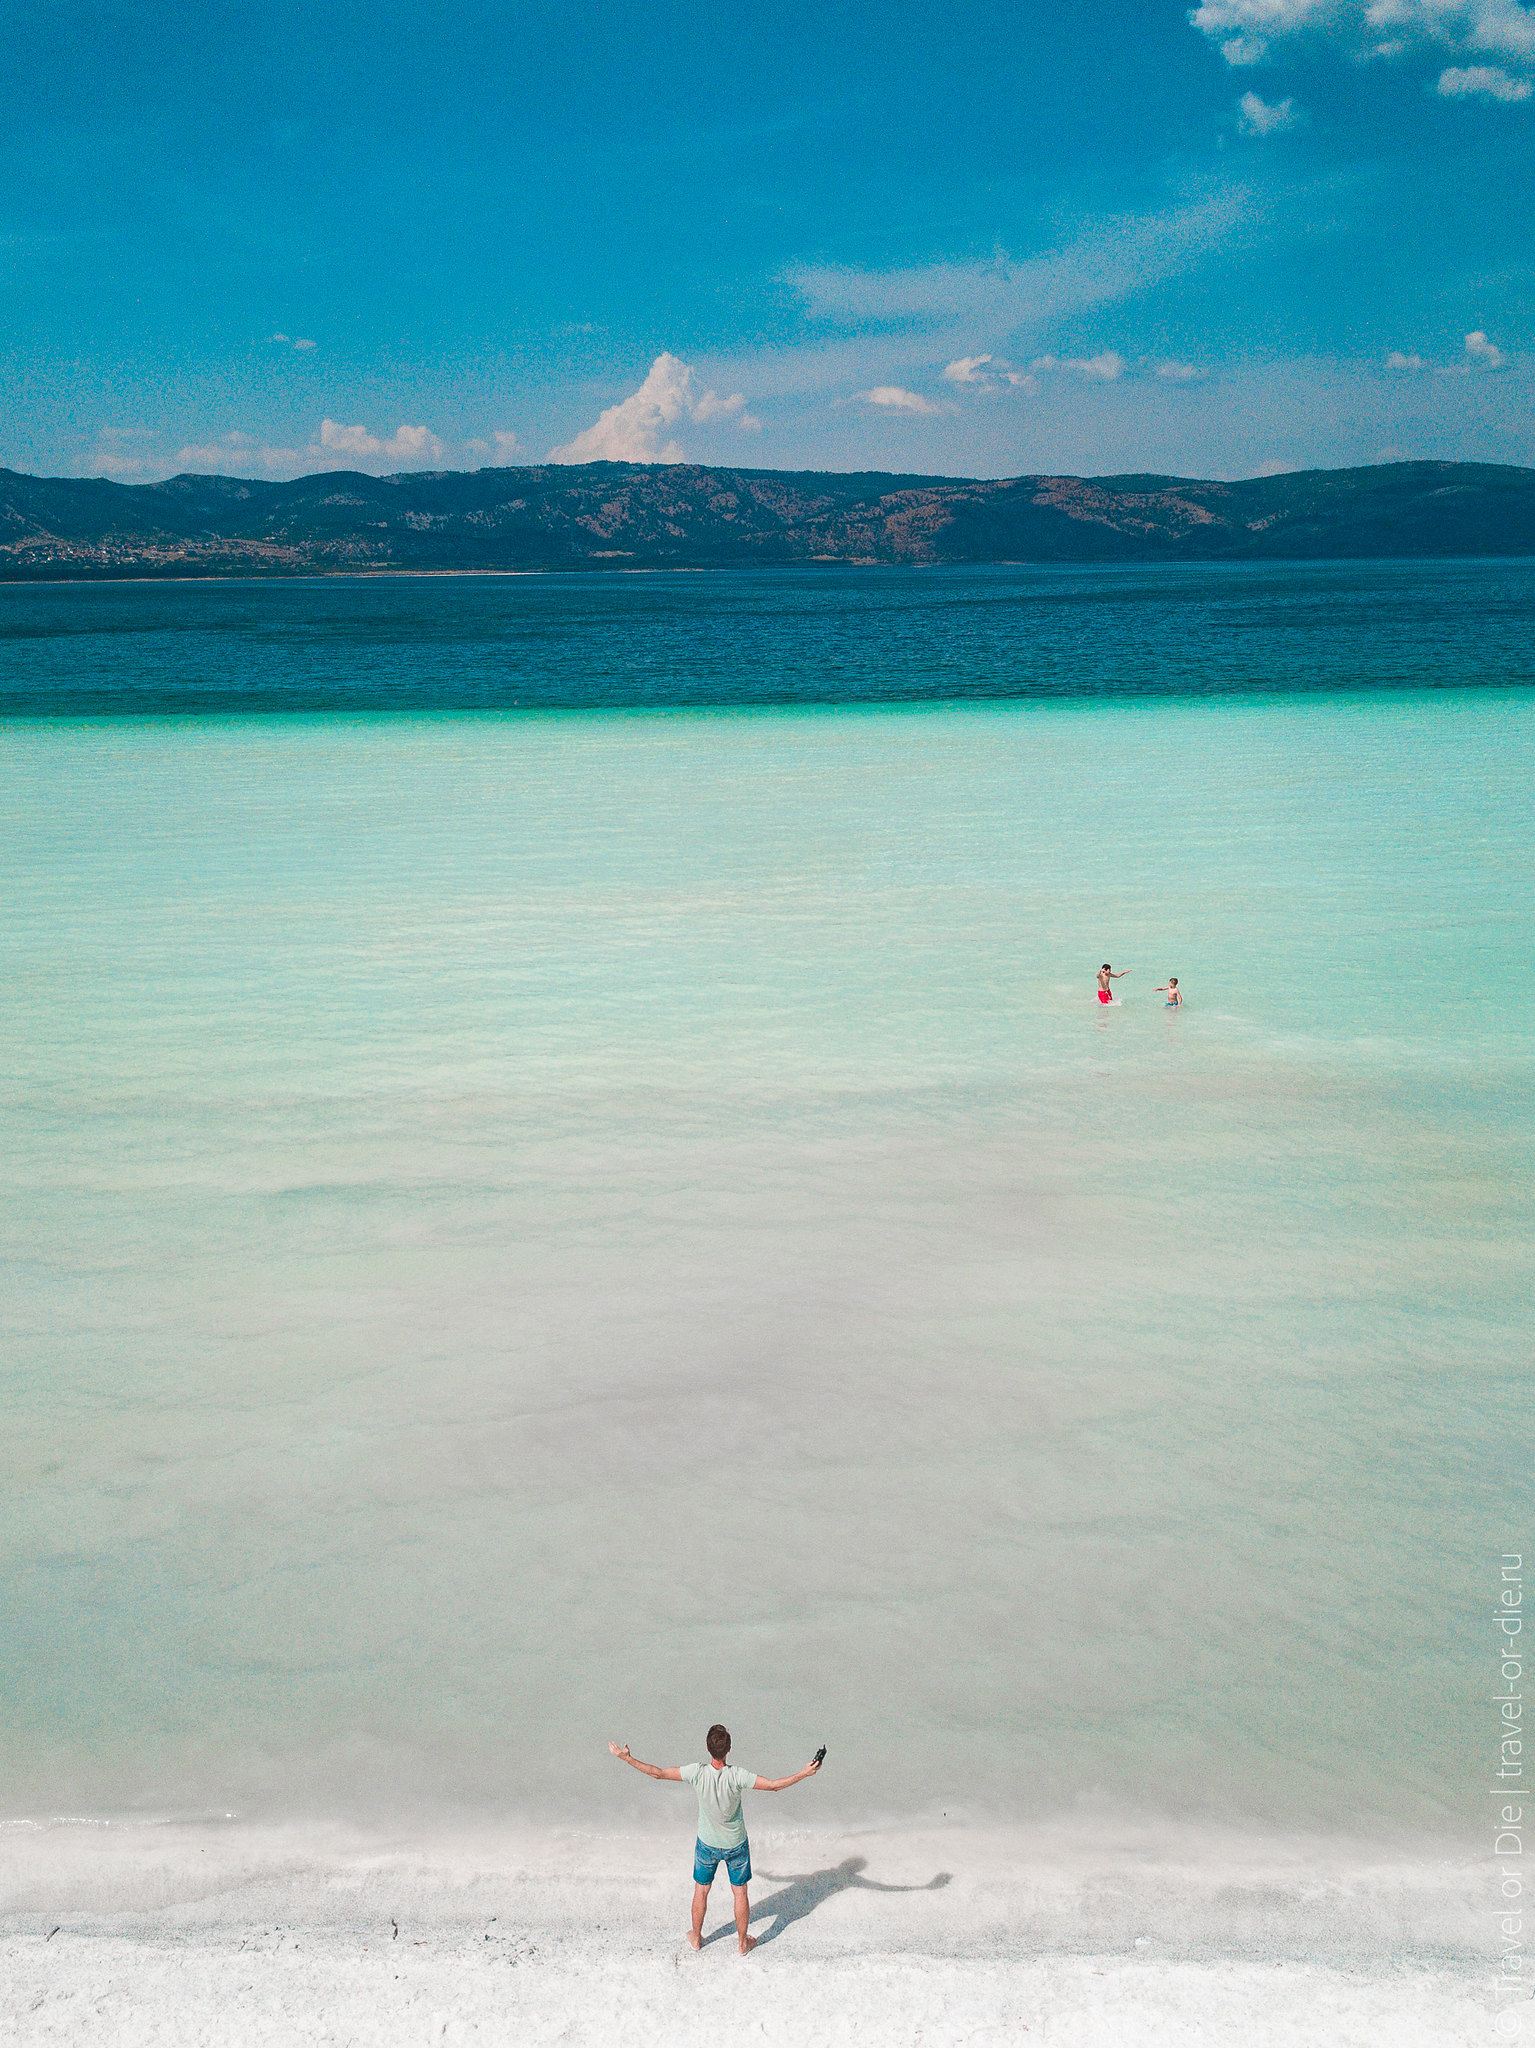 Salda-Lake-Озеро-Салда-dji-mavic-0074